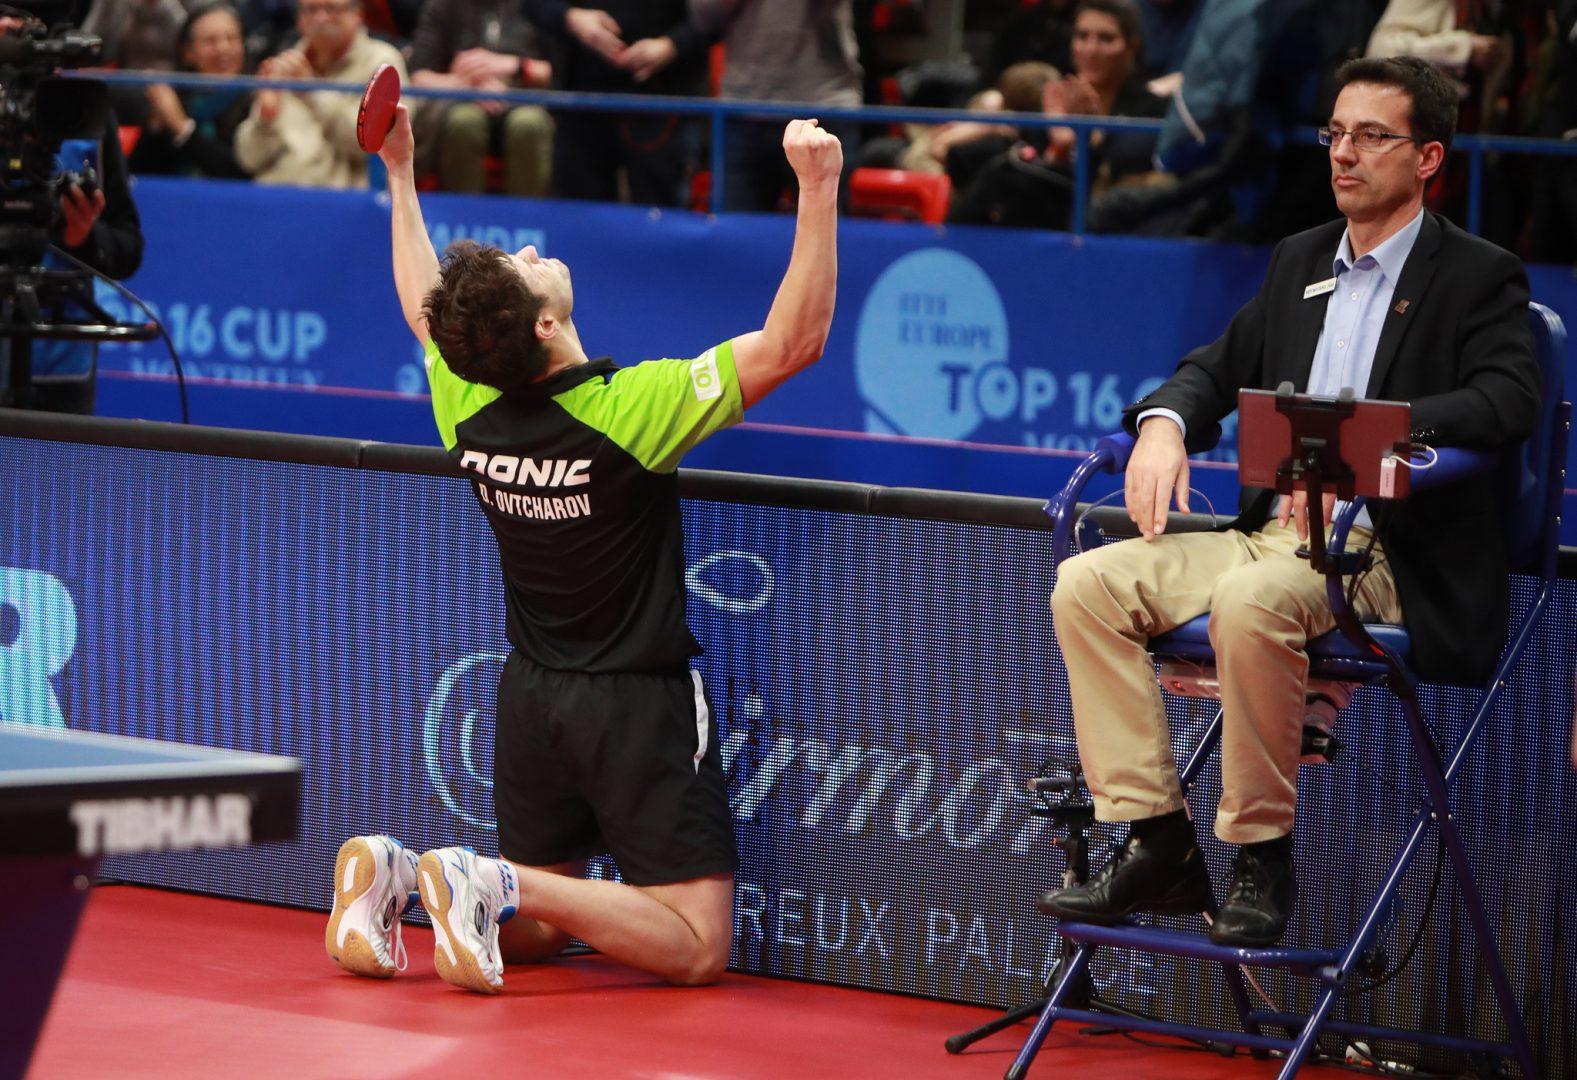 【卓球】オフチャロフとゾルヤ、ドイツ勢がアベックV ヨーロッパトップ16